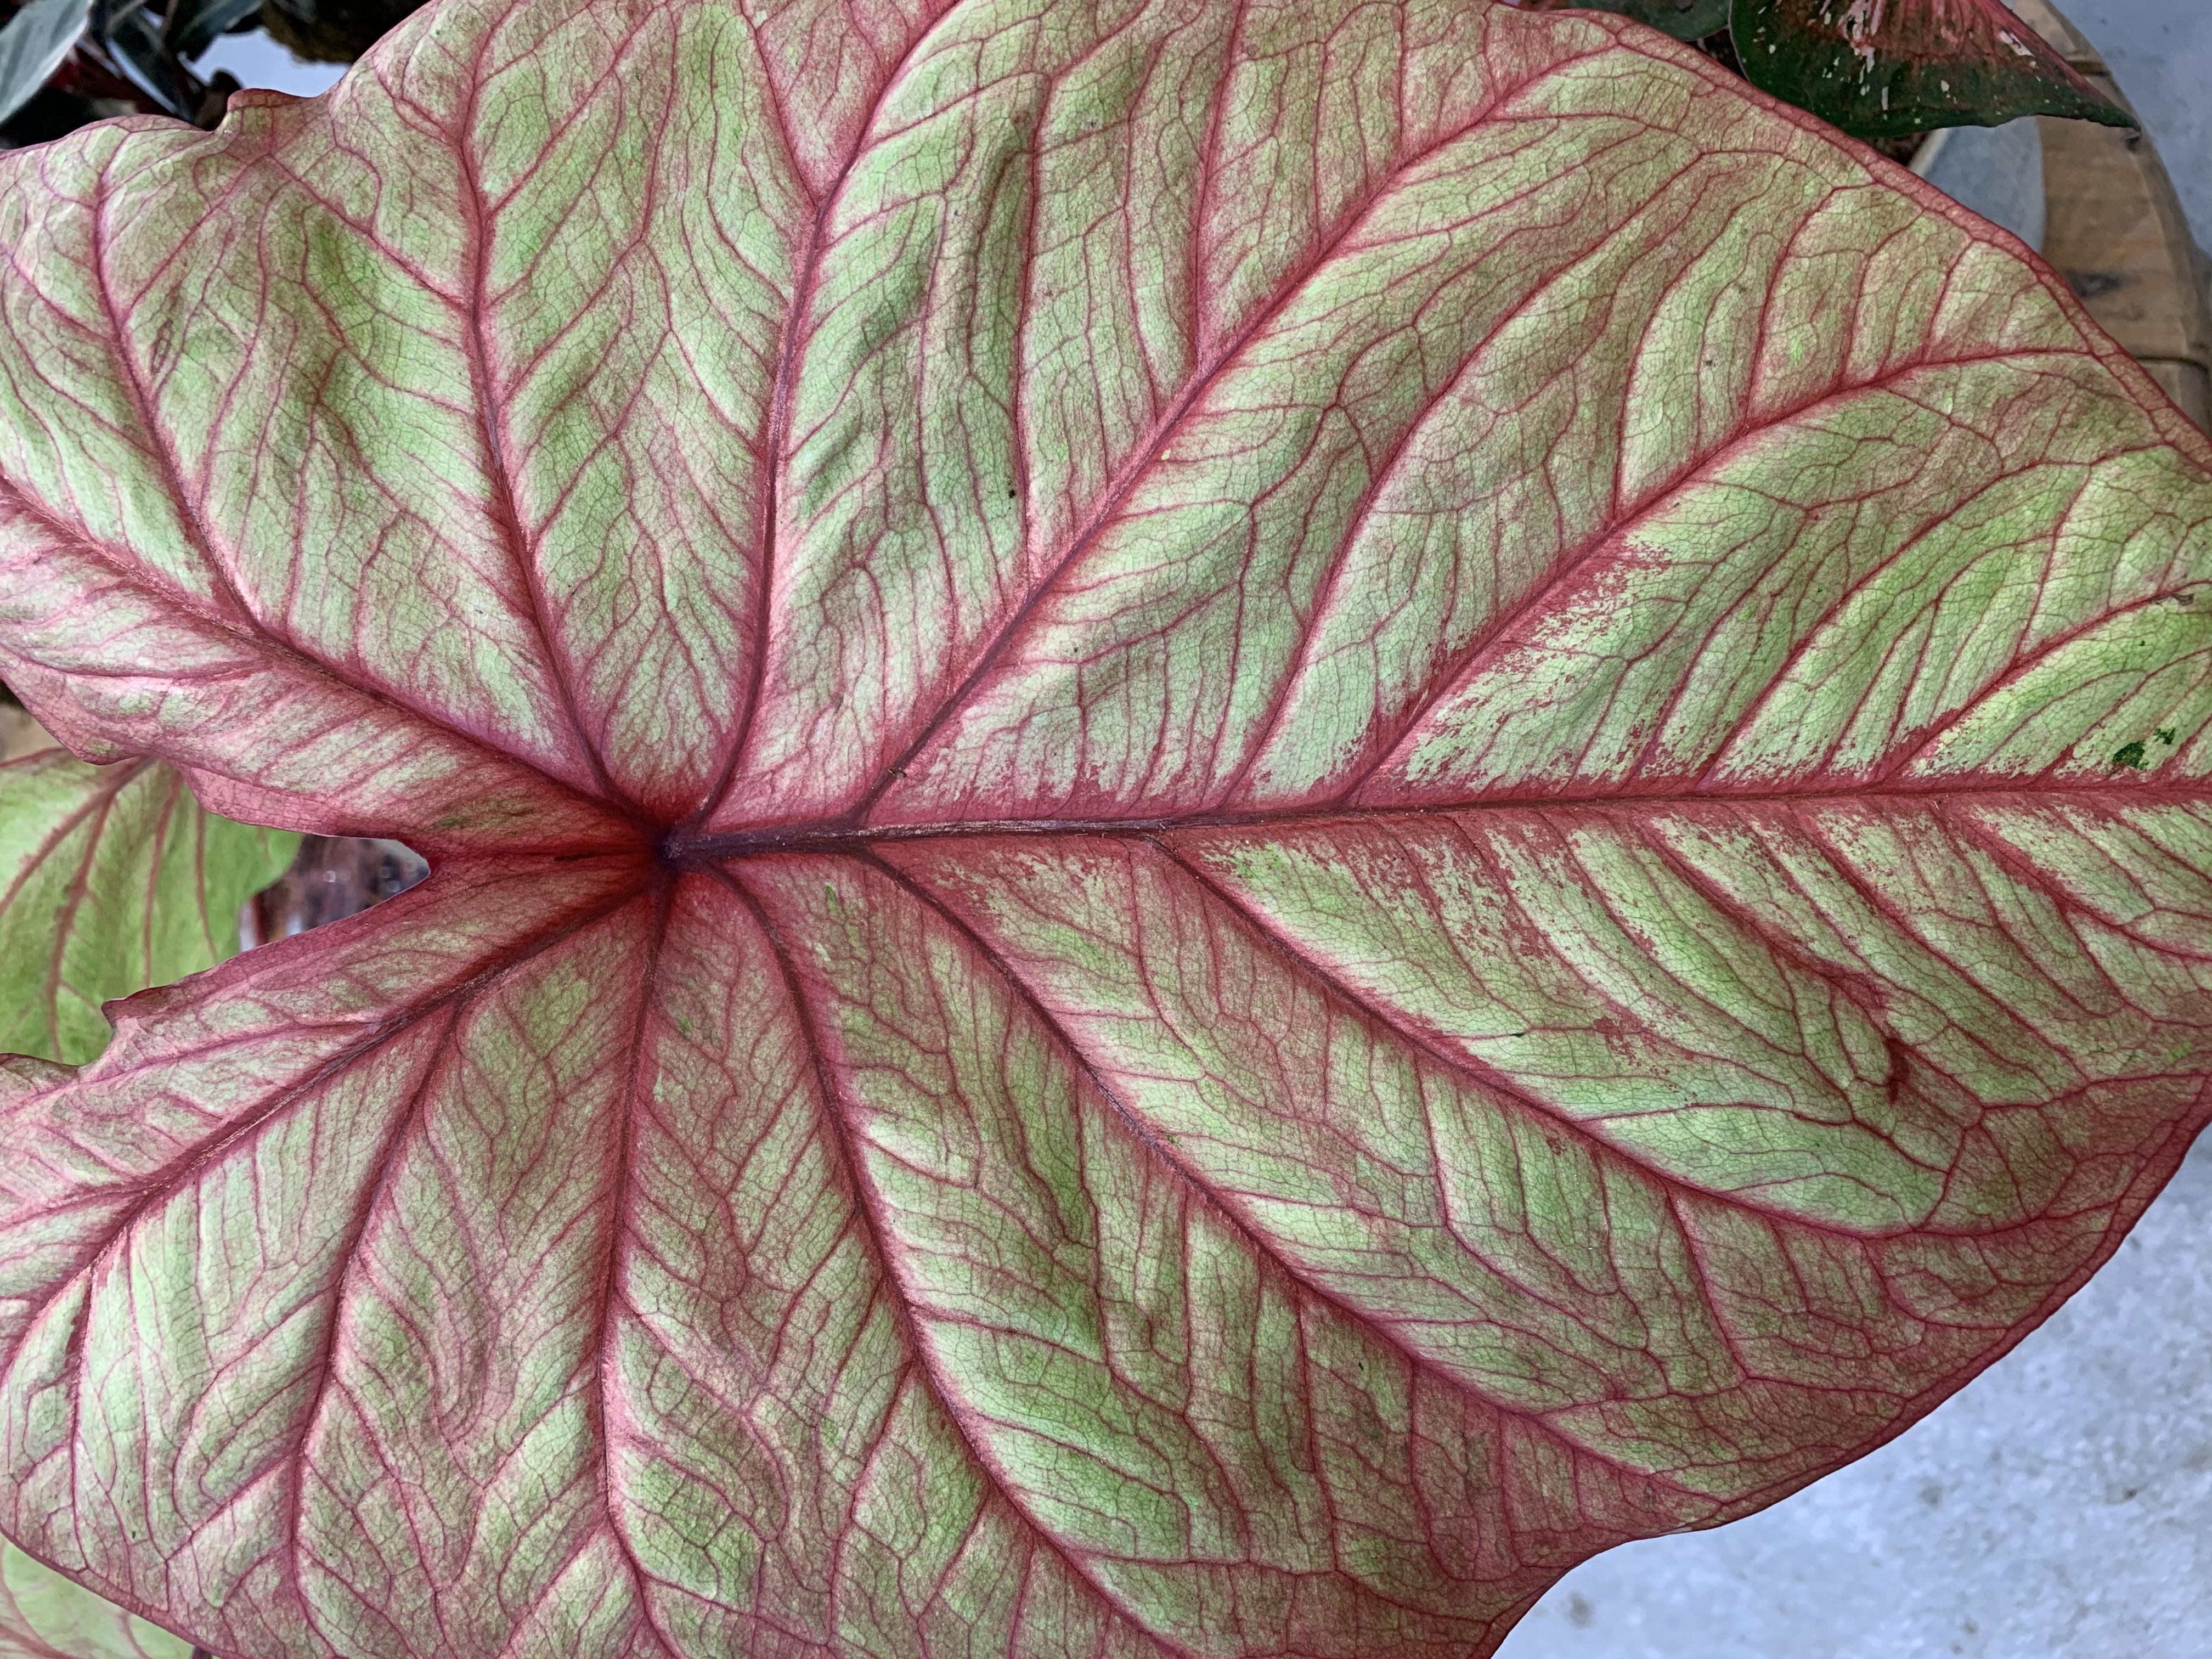 Il caladio è una pianta erbacea a foglie caduche e sviluppo primaverile ed estivo; durante il periodo vegetativo predilige temperature vicine ai 15-20°C.